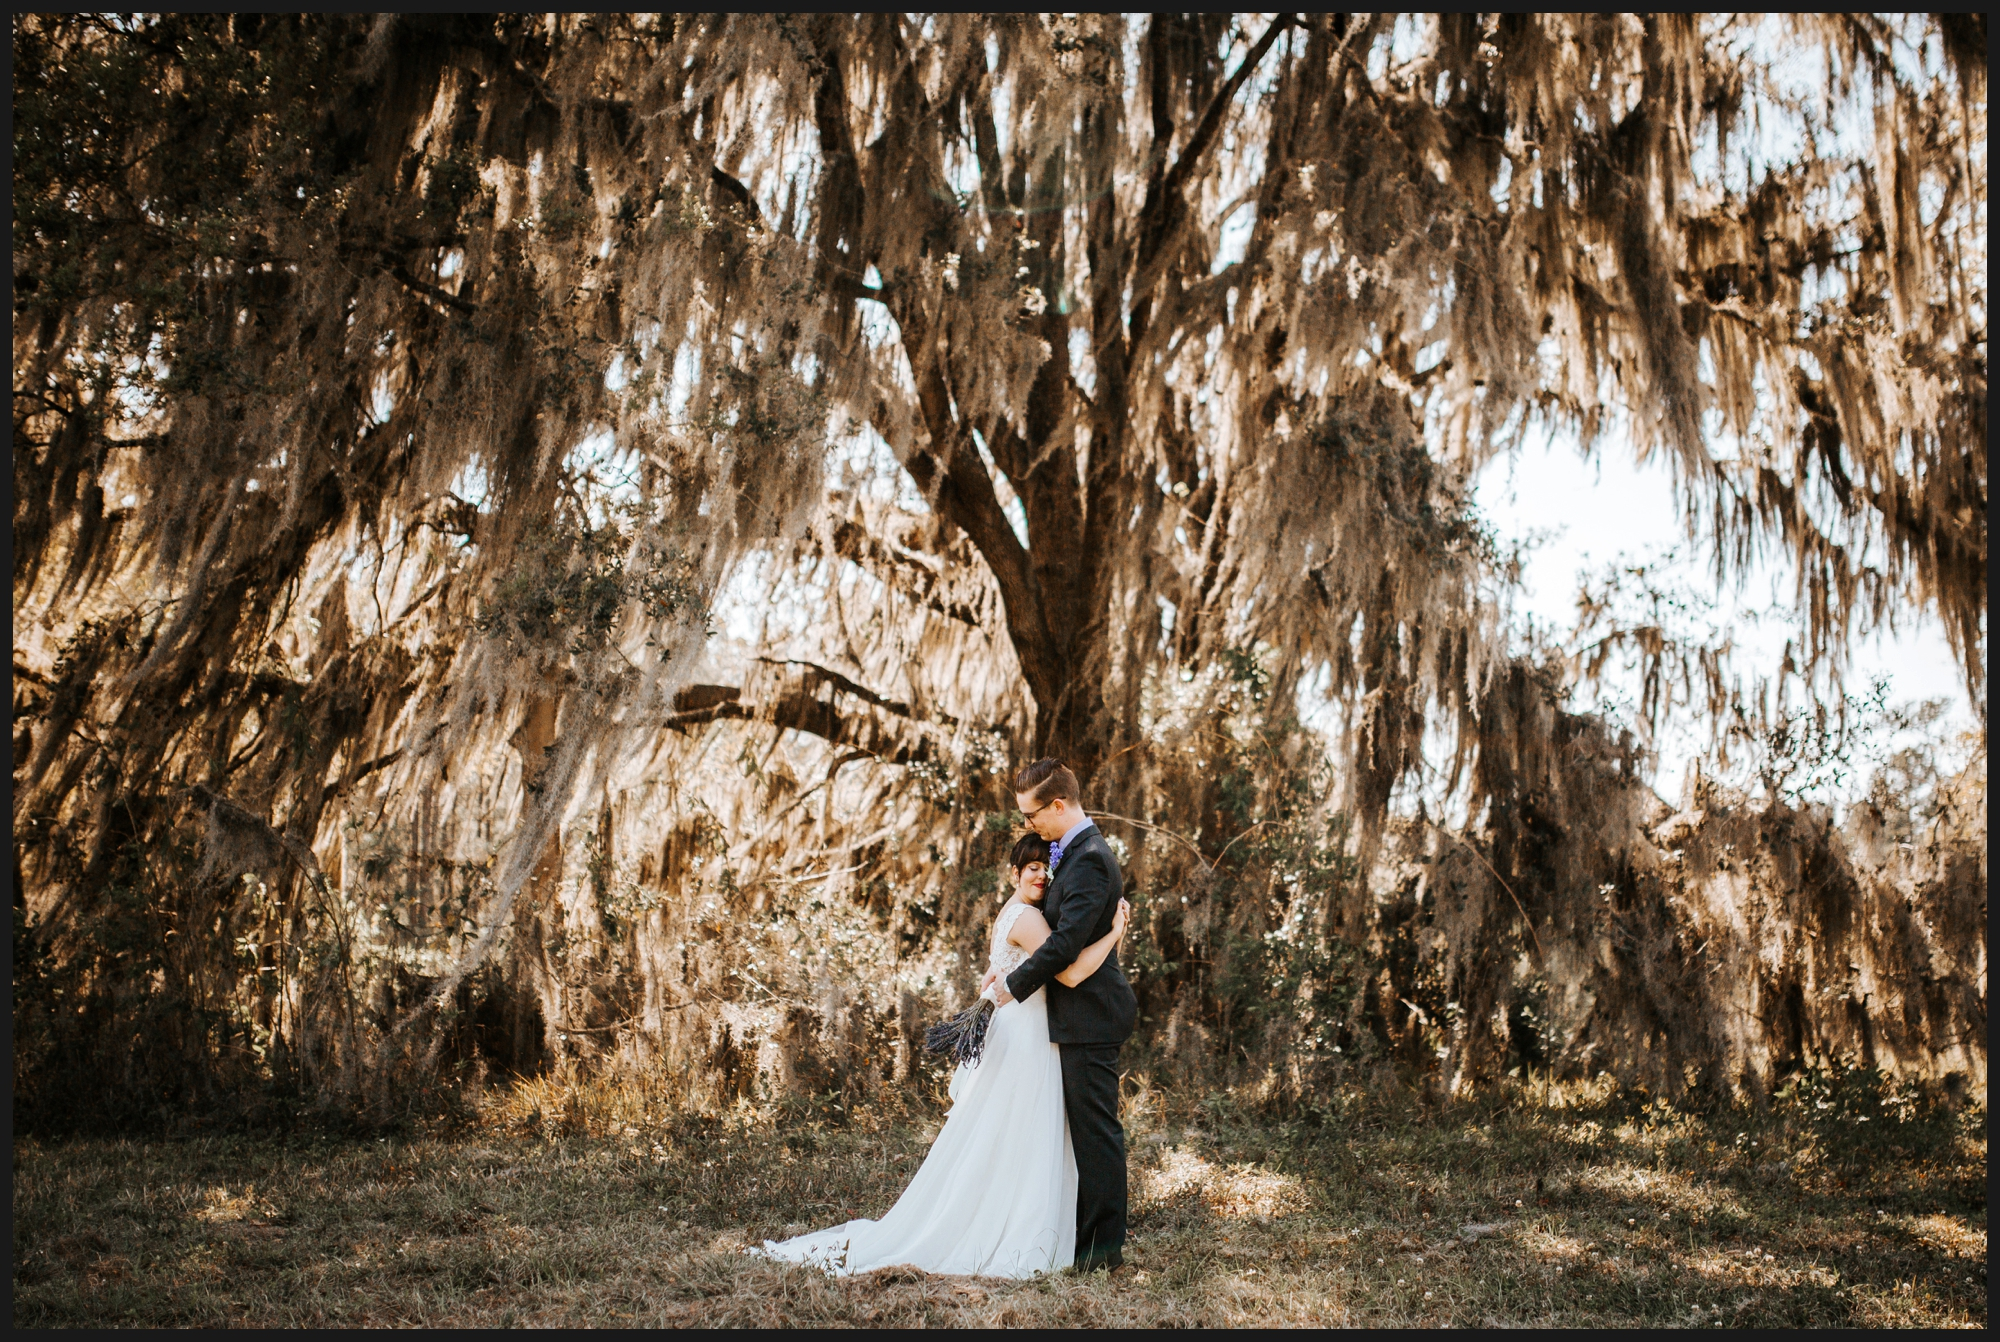 OrlandoWeddingPhotographer_0189.jpg